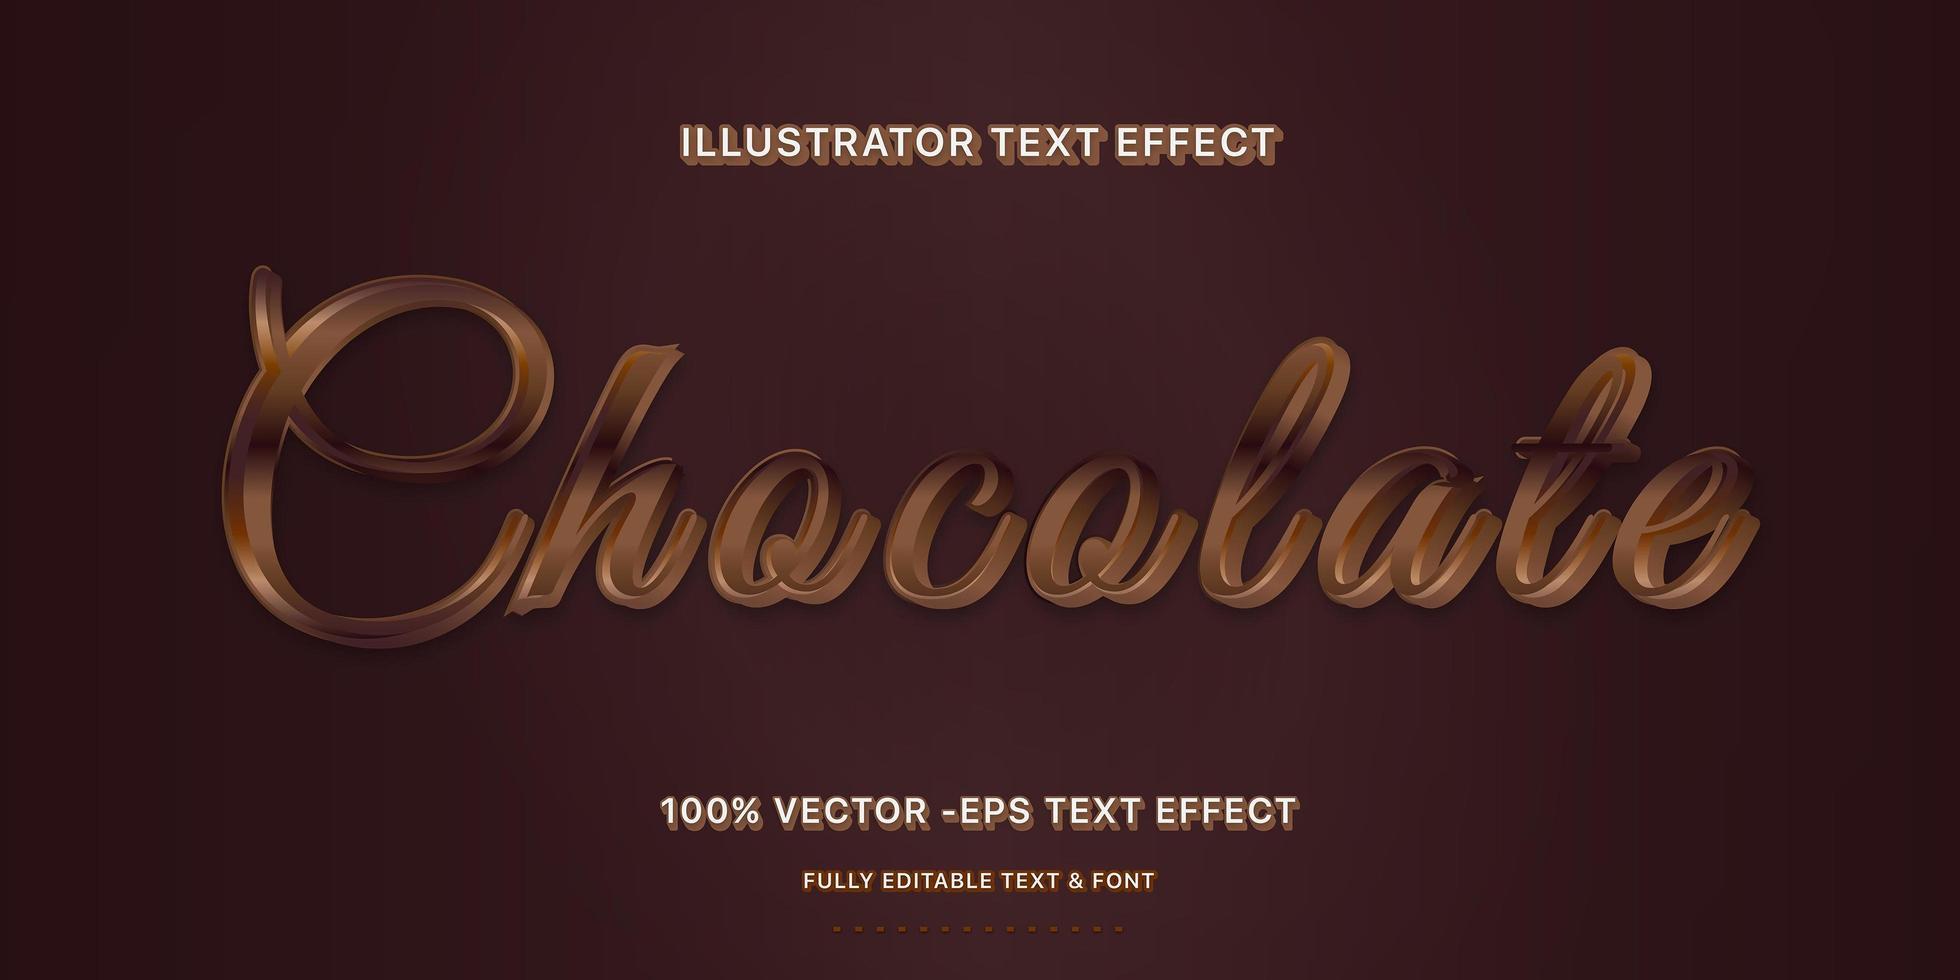 estilo de texto editável chocolate escuro vetor